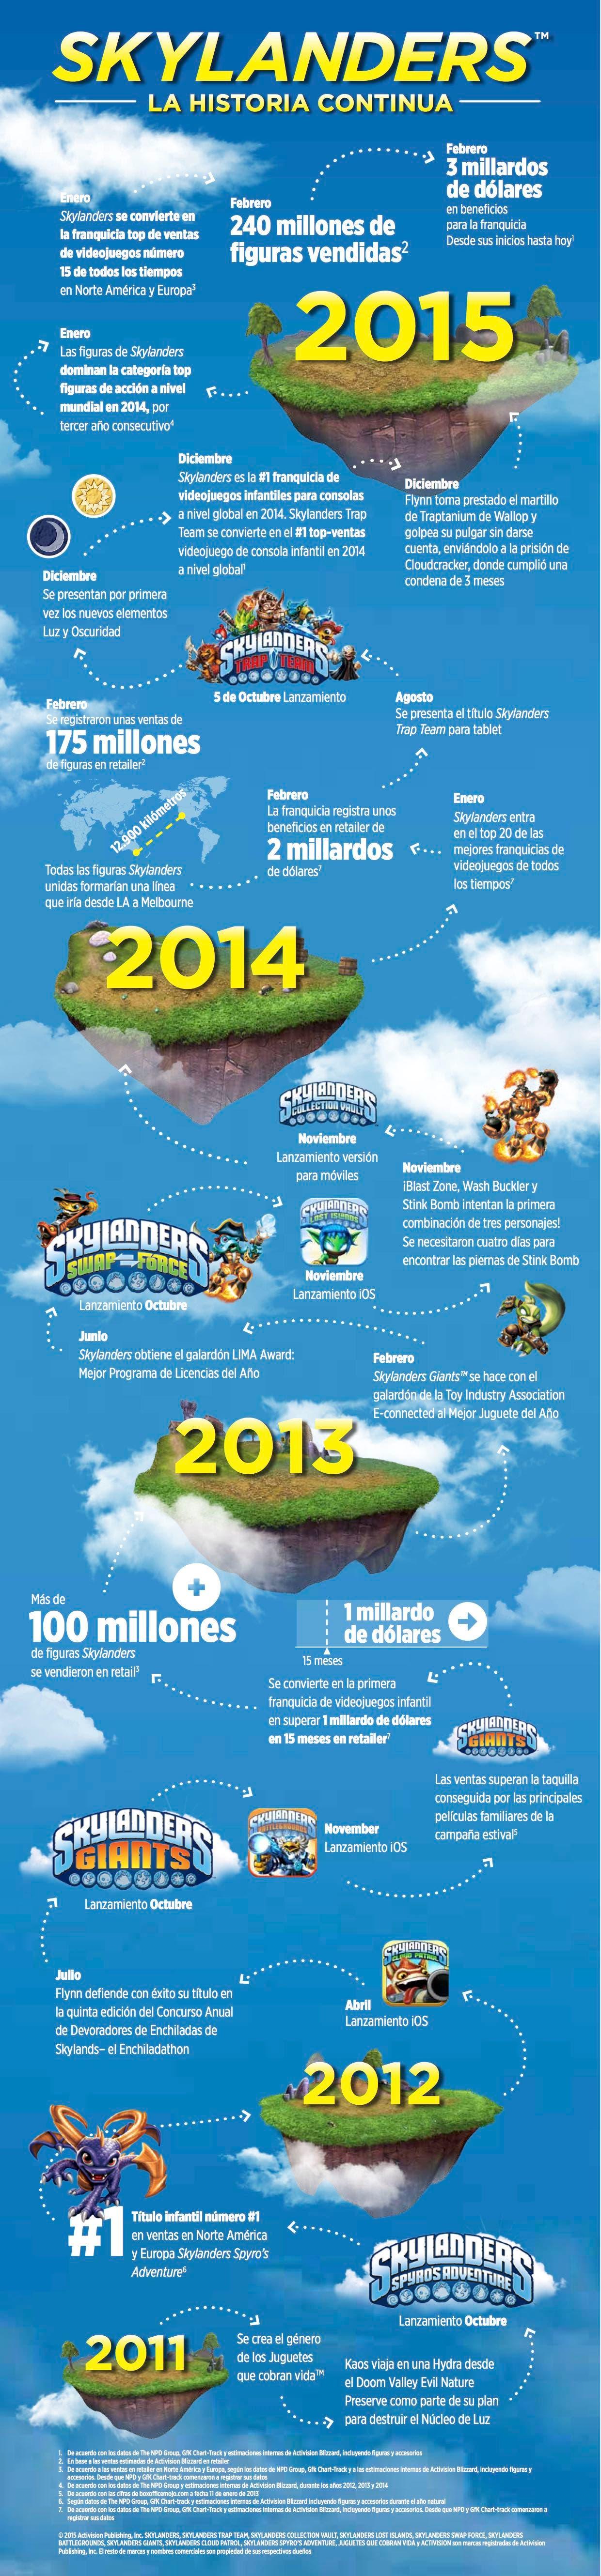 somosxbox Infografía Skylanders 2015